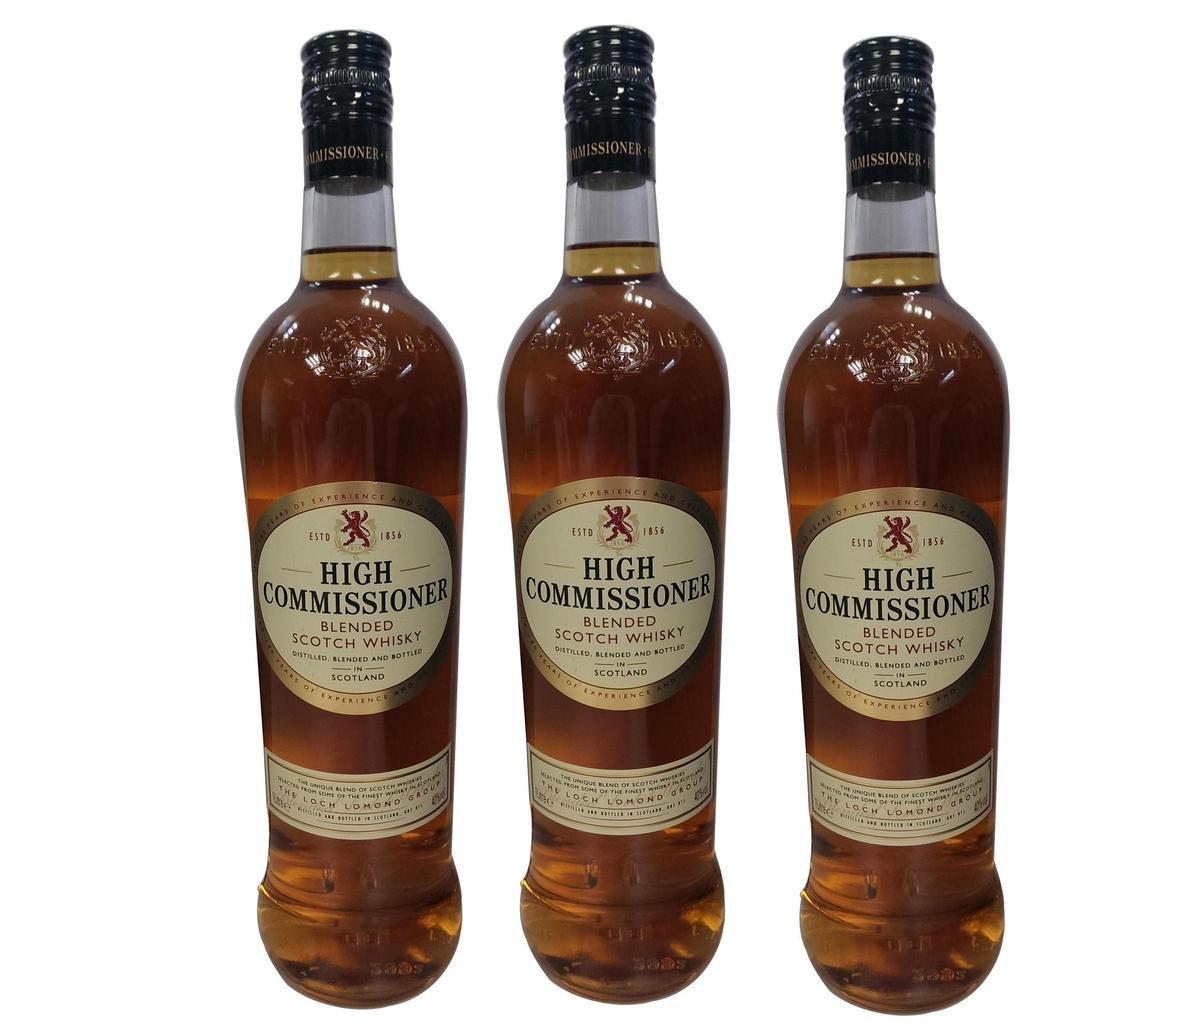 至尊蘇格蘭威士忌 1000毫升 40%酒精度3支